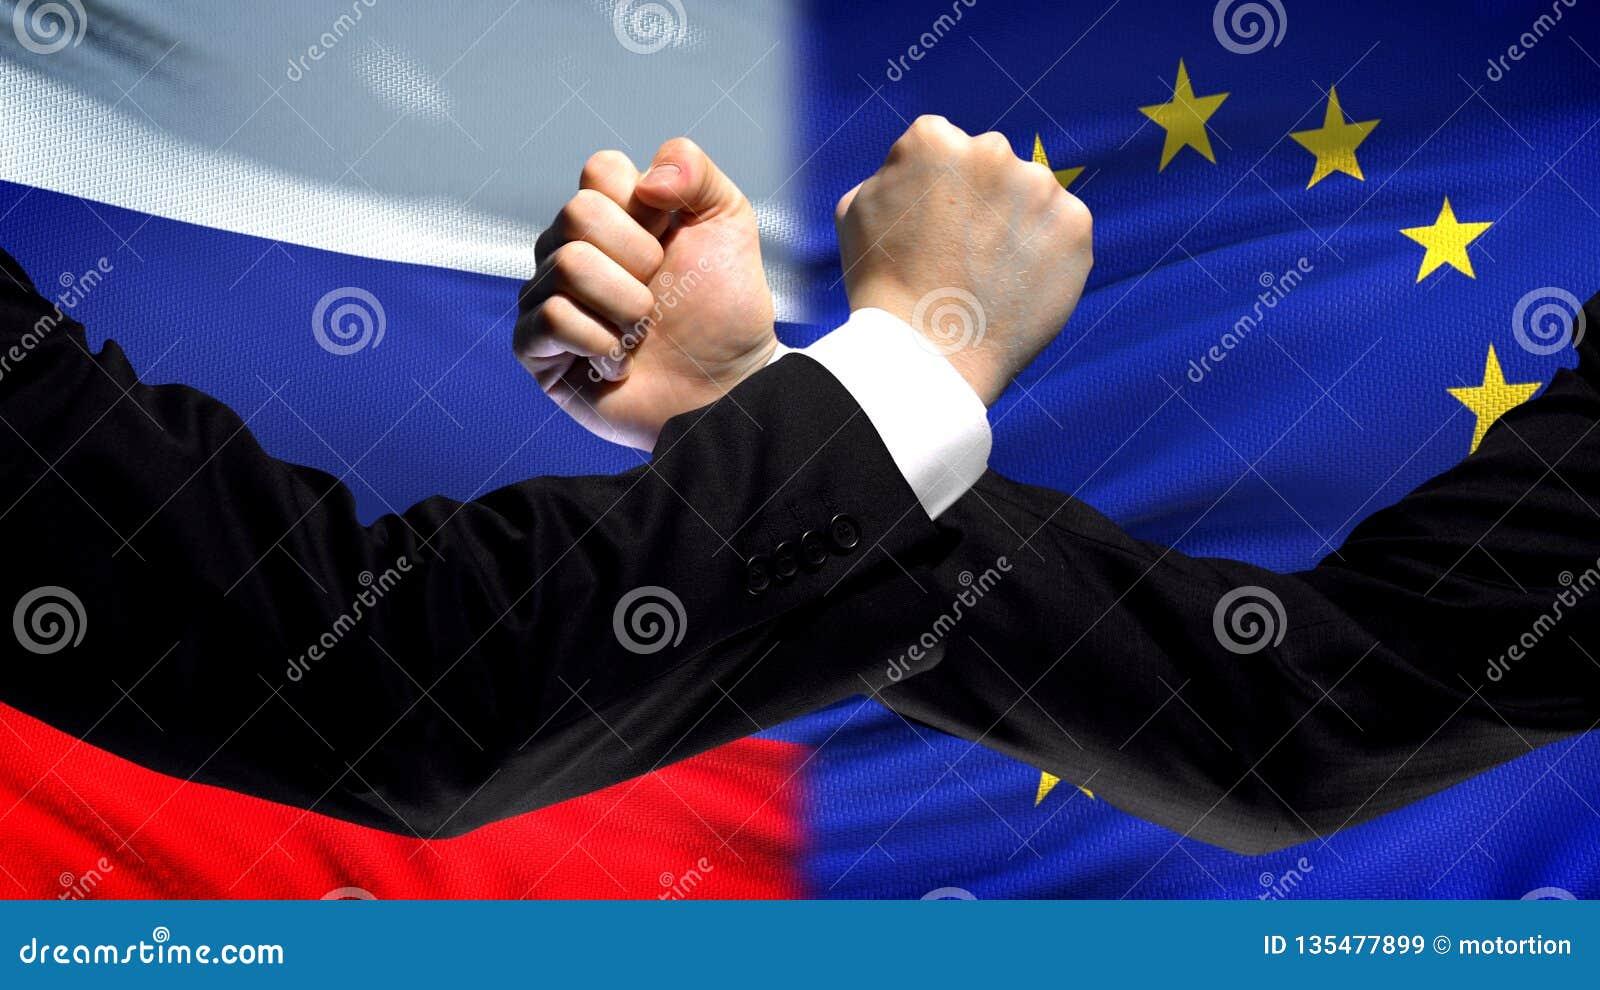 Rússia contra a confrontação da UE, desacordo dos países, punhos no fundo da bandeira